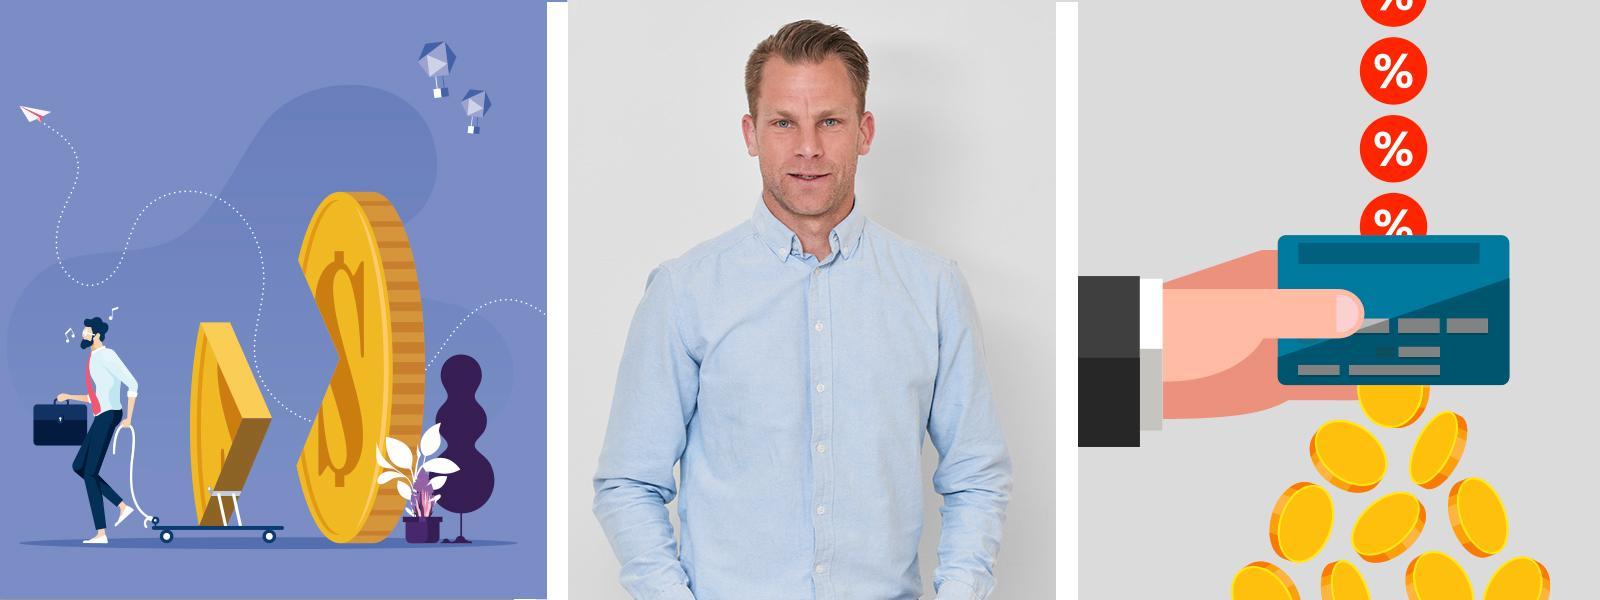 Magnus Hjelmér på Icabanken hjälper dig att styra upp ekonomin, en gång för alla.